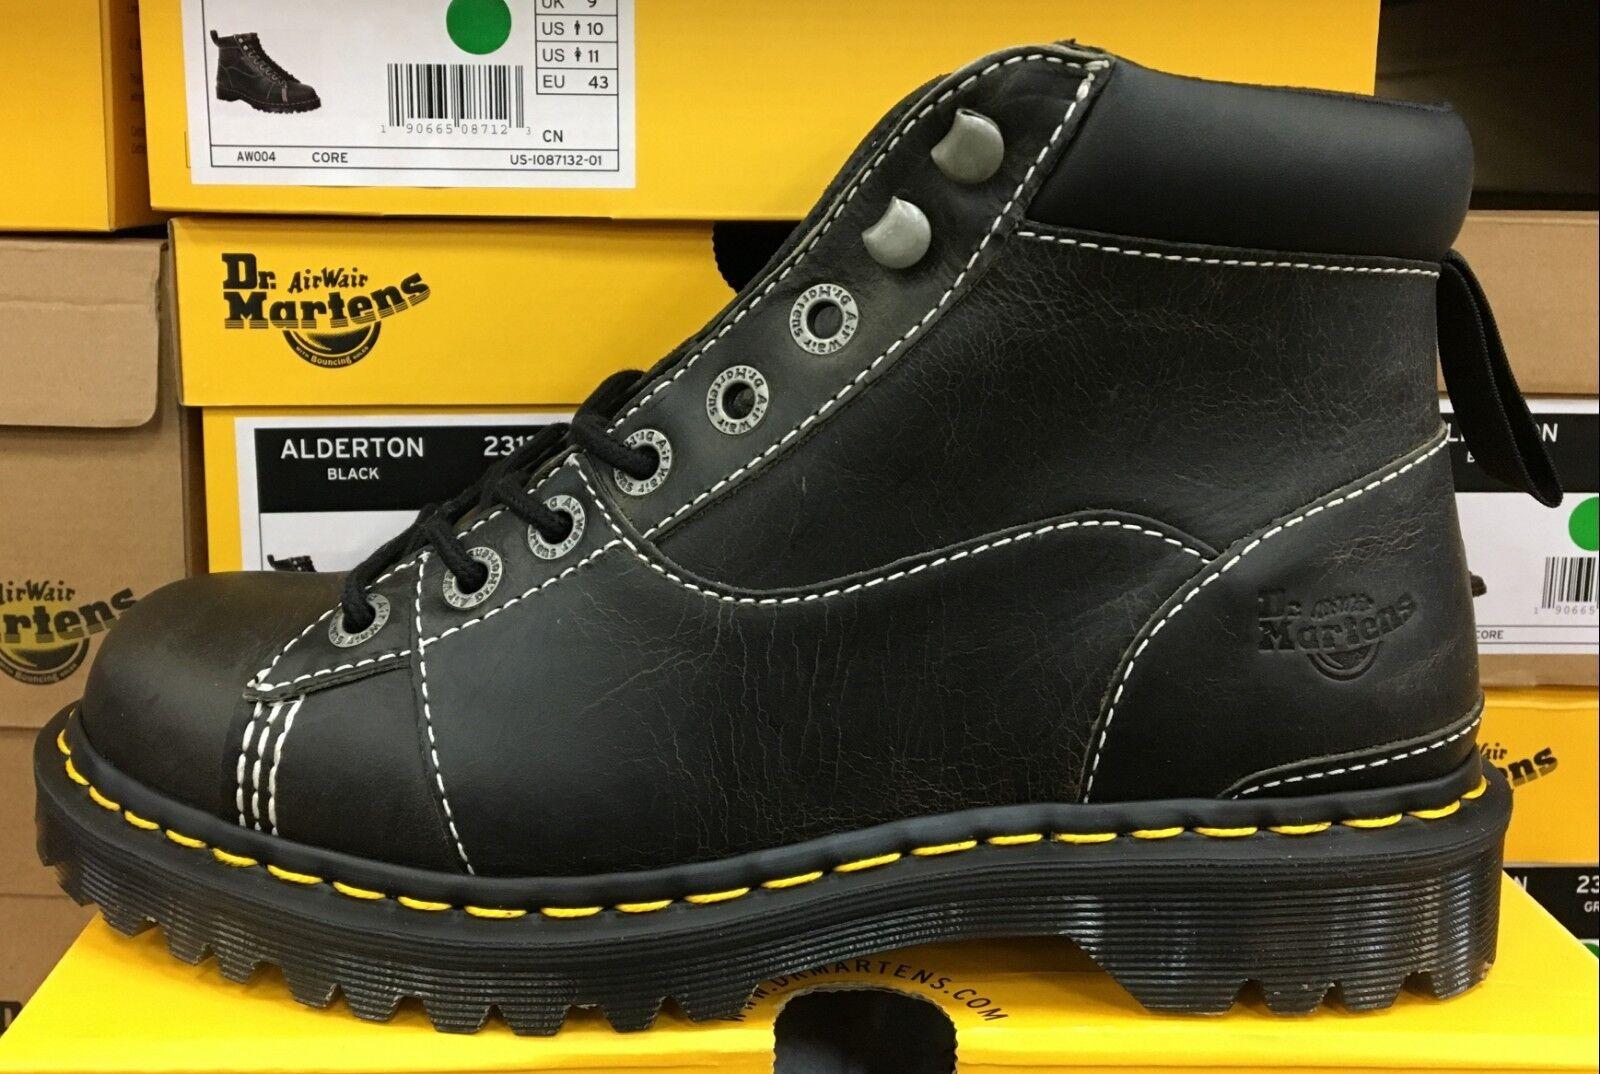 Sale Sale Sale   Dr. Martens ALDERTON  Greenland Unisex Worker Boots  23136001 Black  L 5f064a